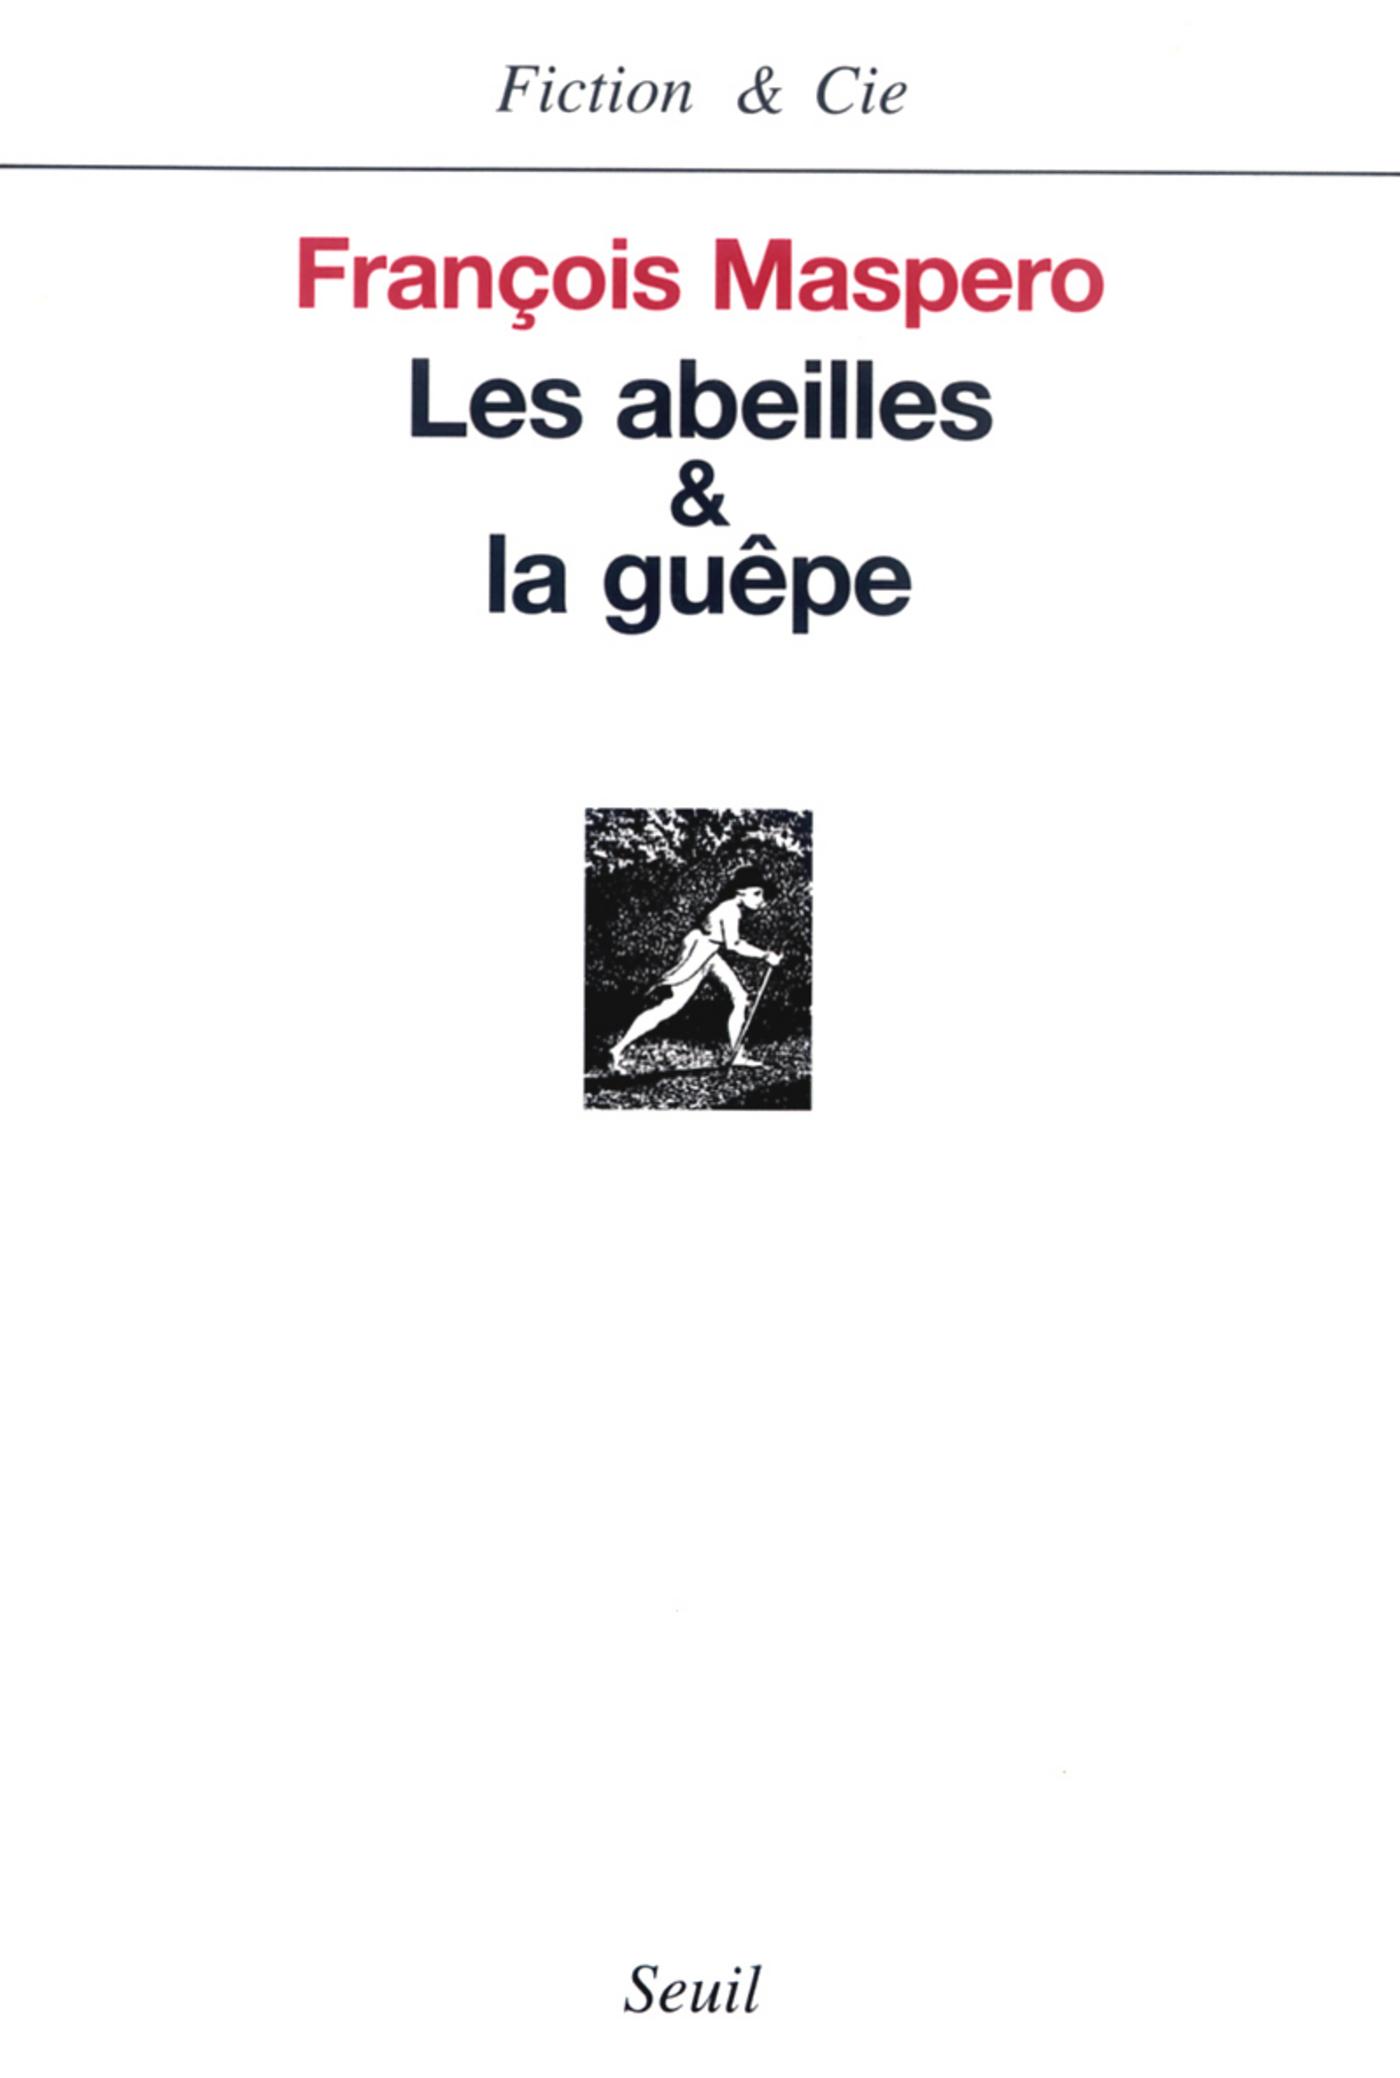 Les Abeilles & la Guêpe